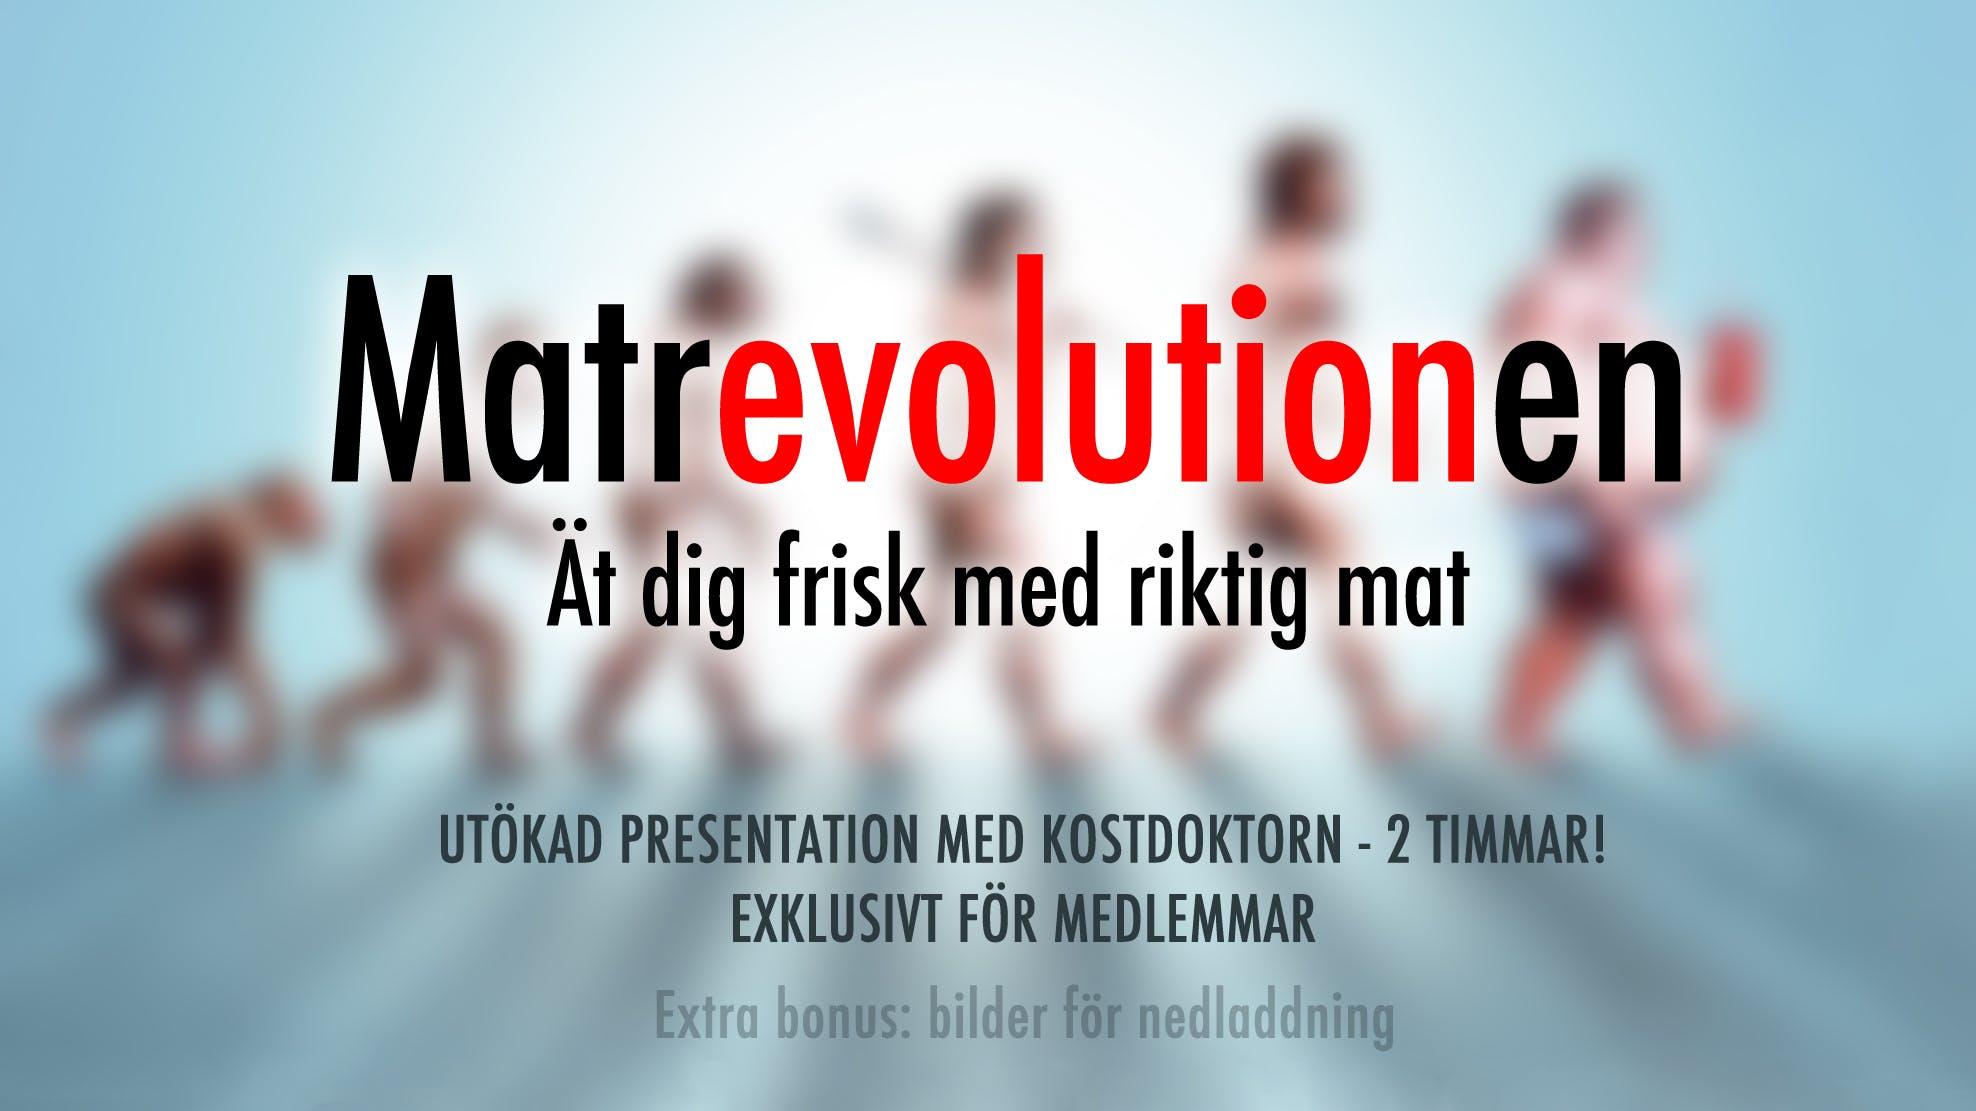 Matrevolutionen-Presentationsbild-Enkel